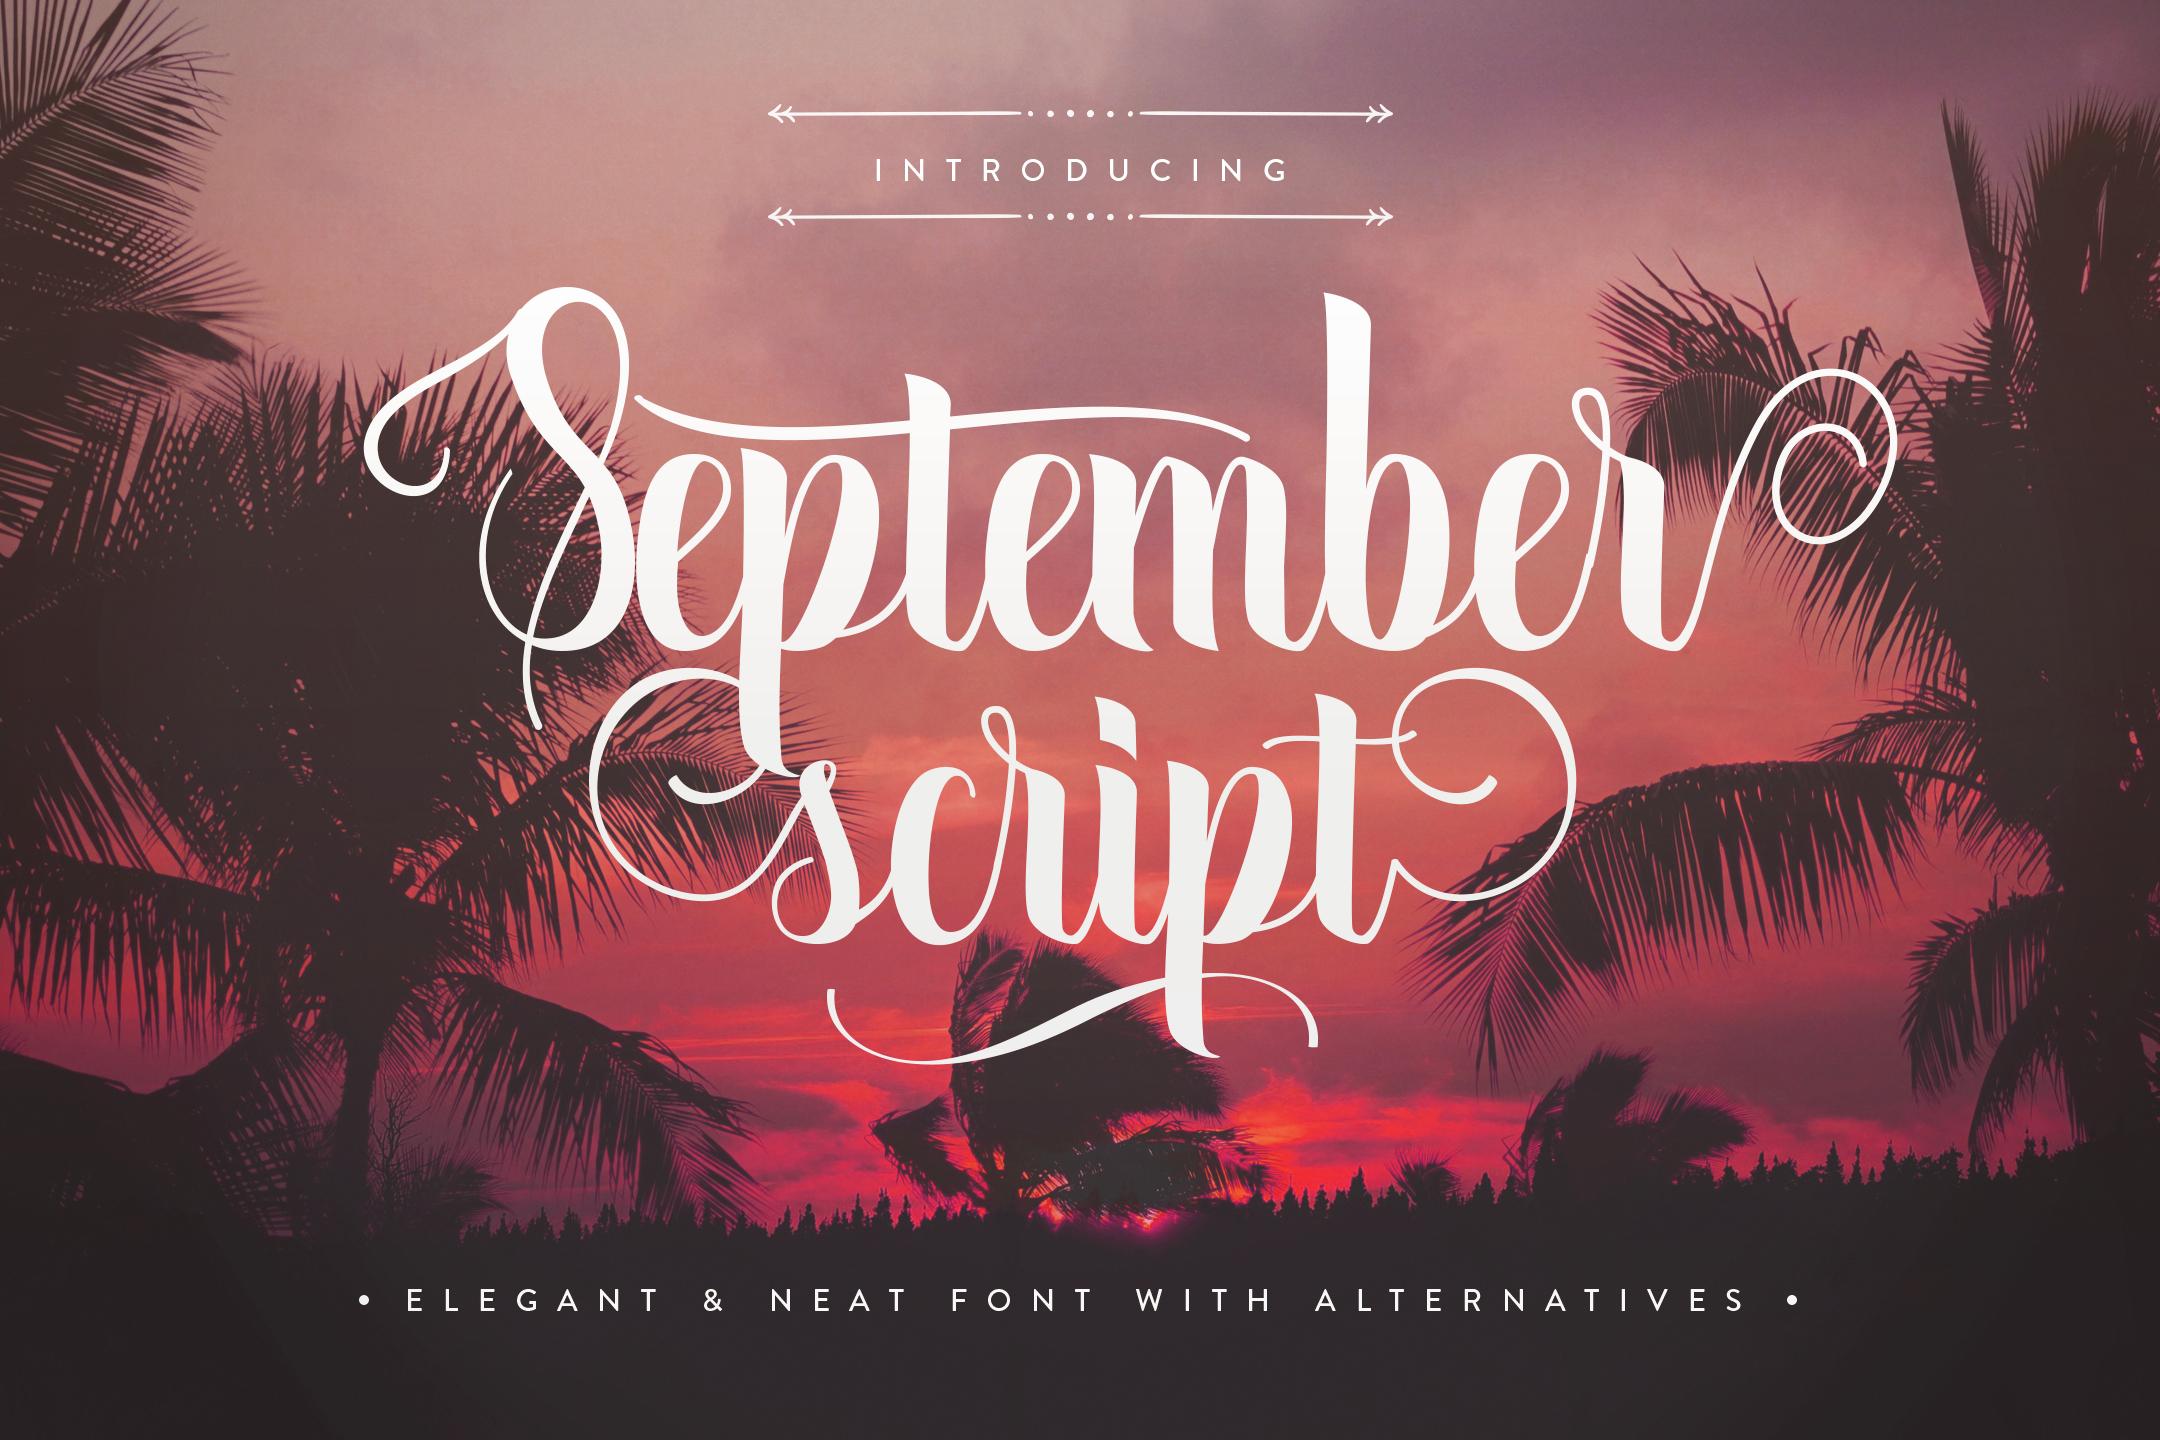 September Script example 1